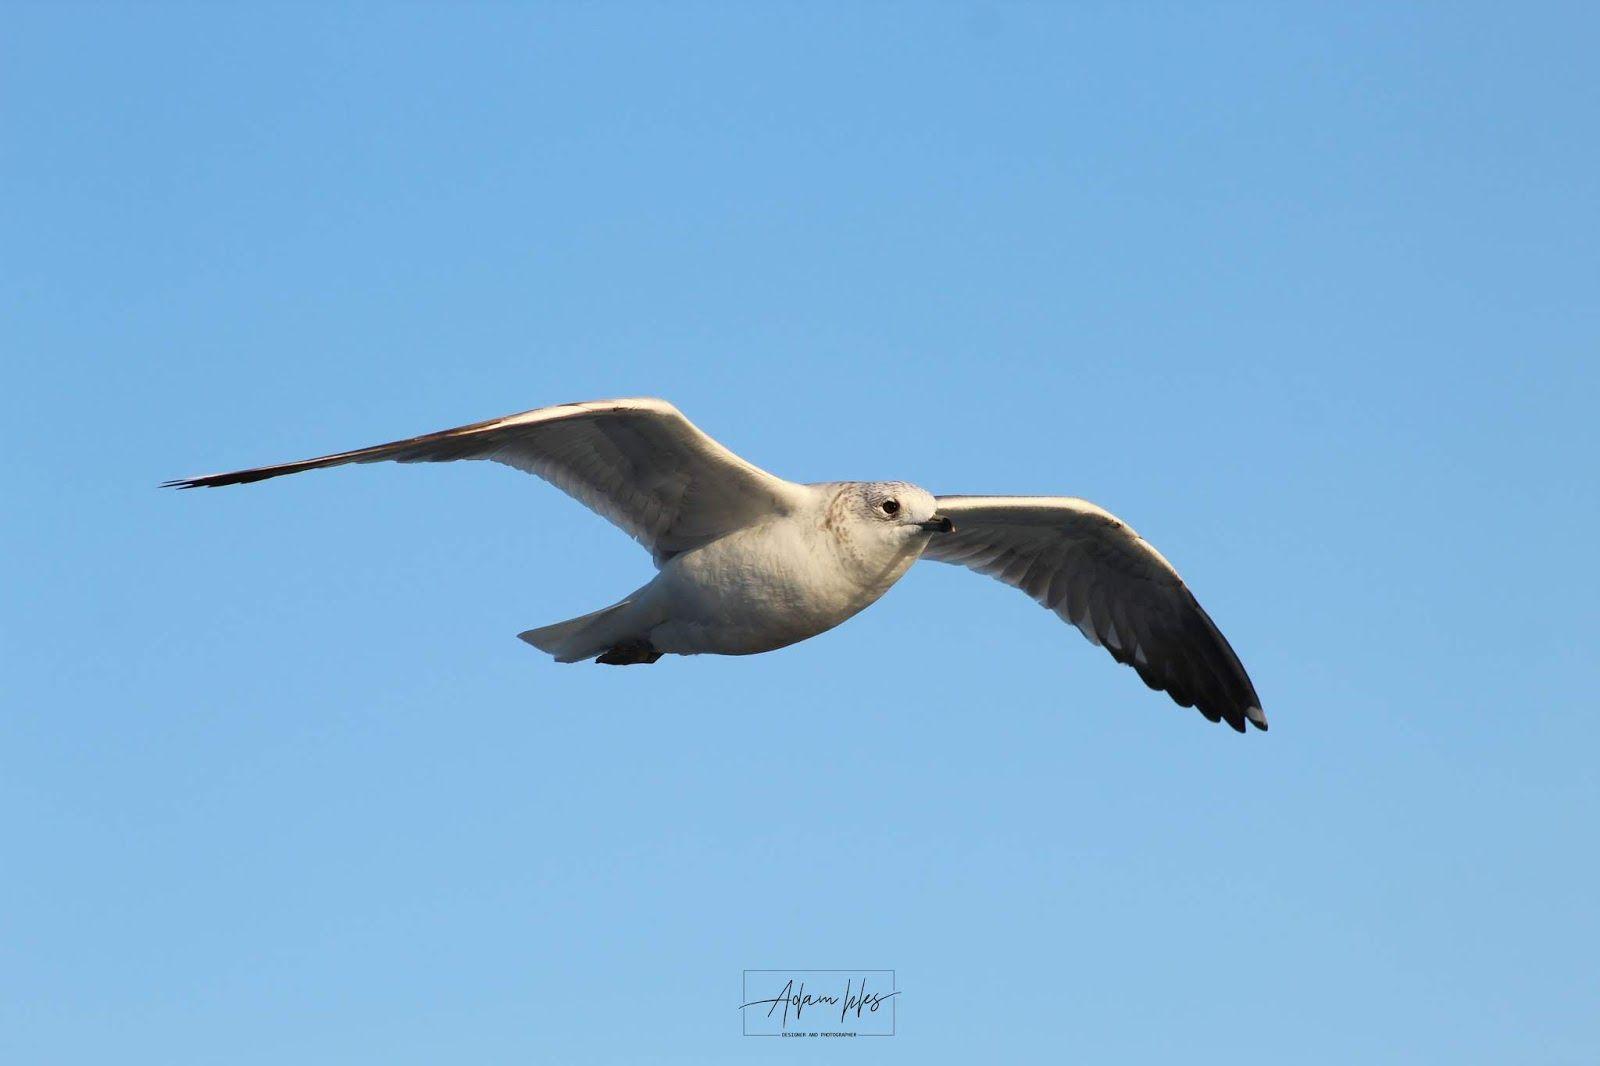 صور طيور النورس تحلق في السماء خلفيات طيور Birds Animals